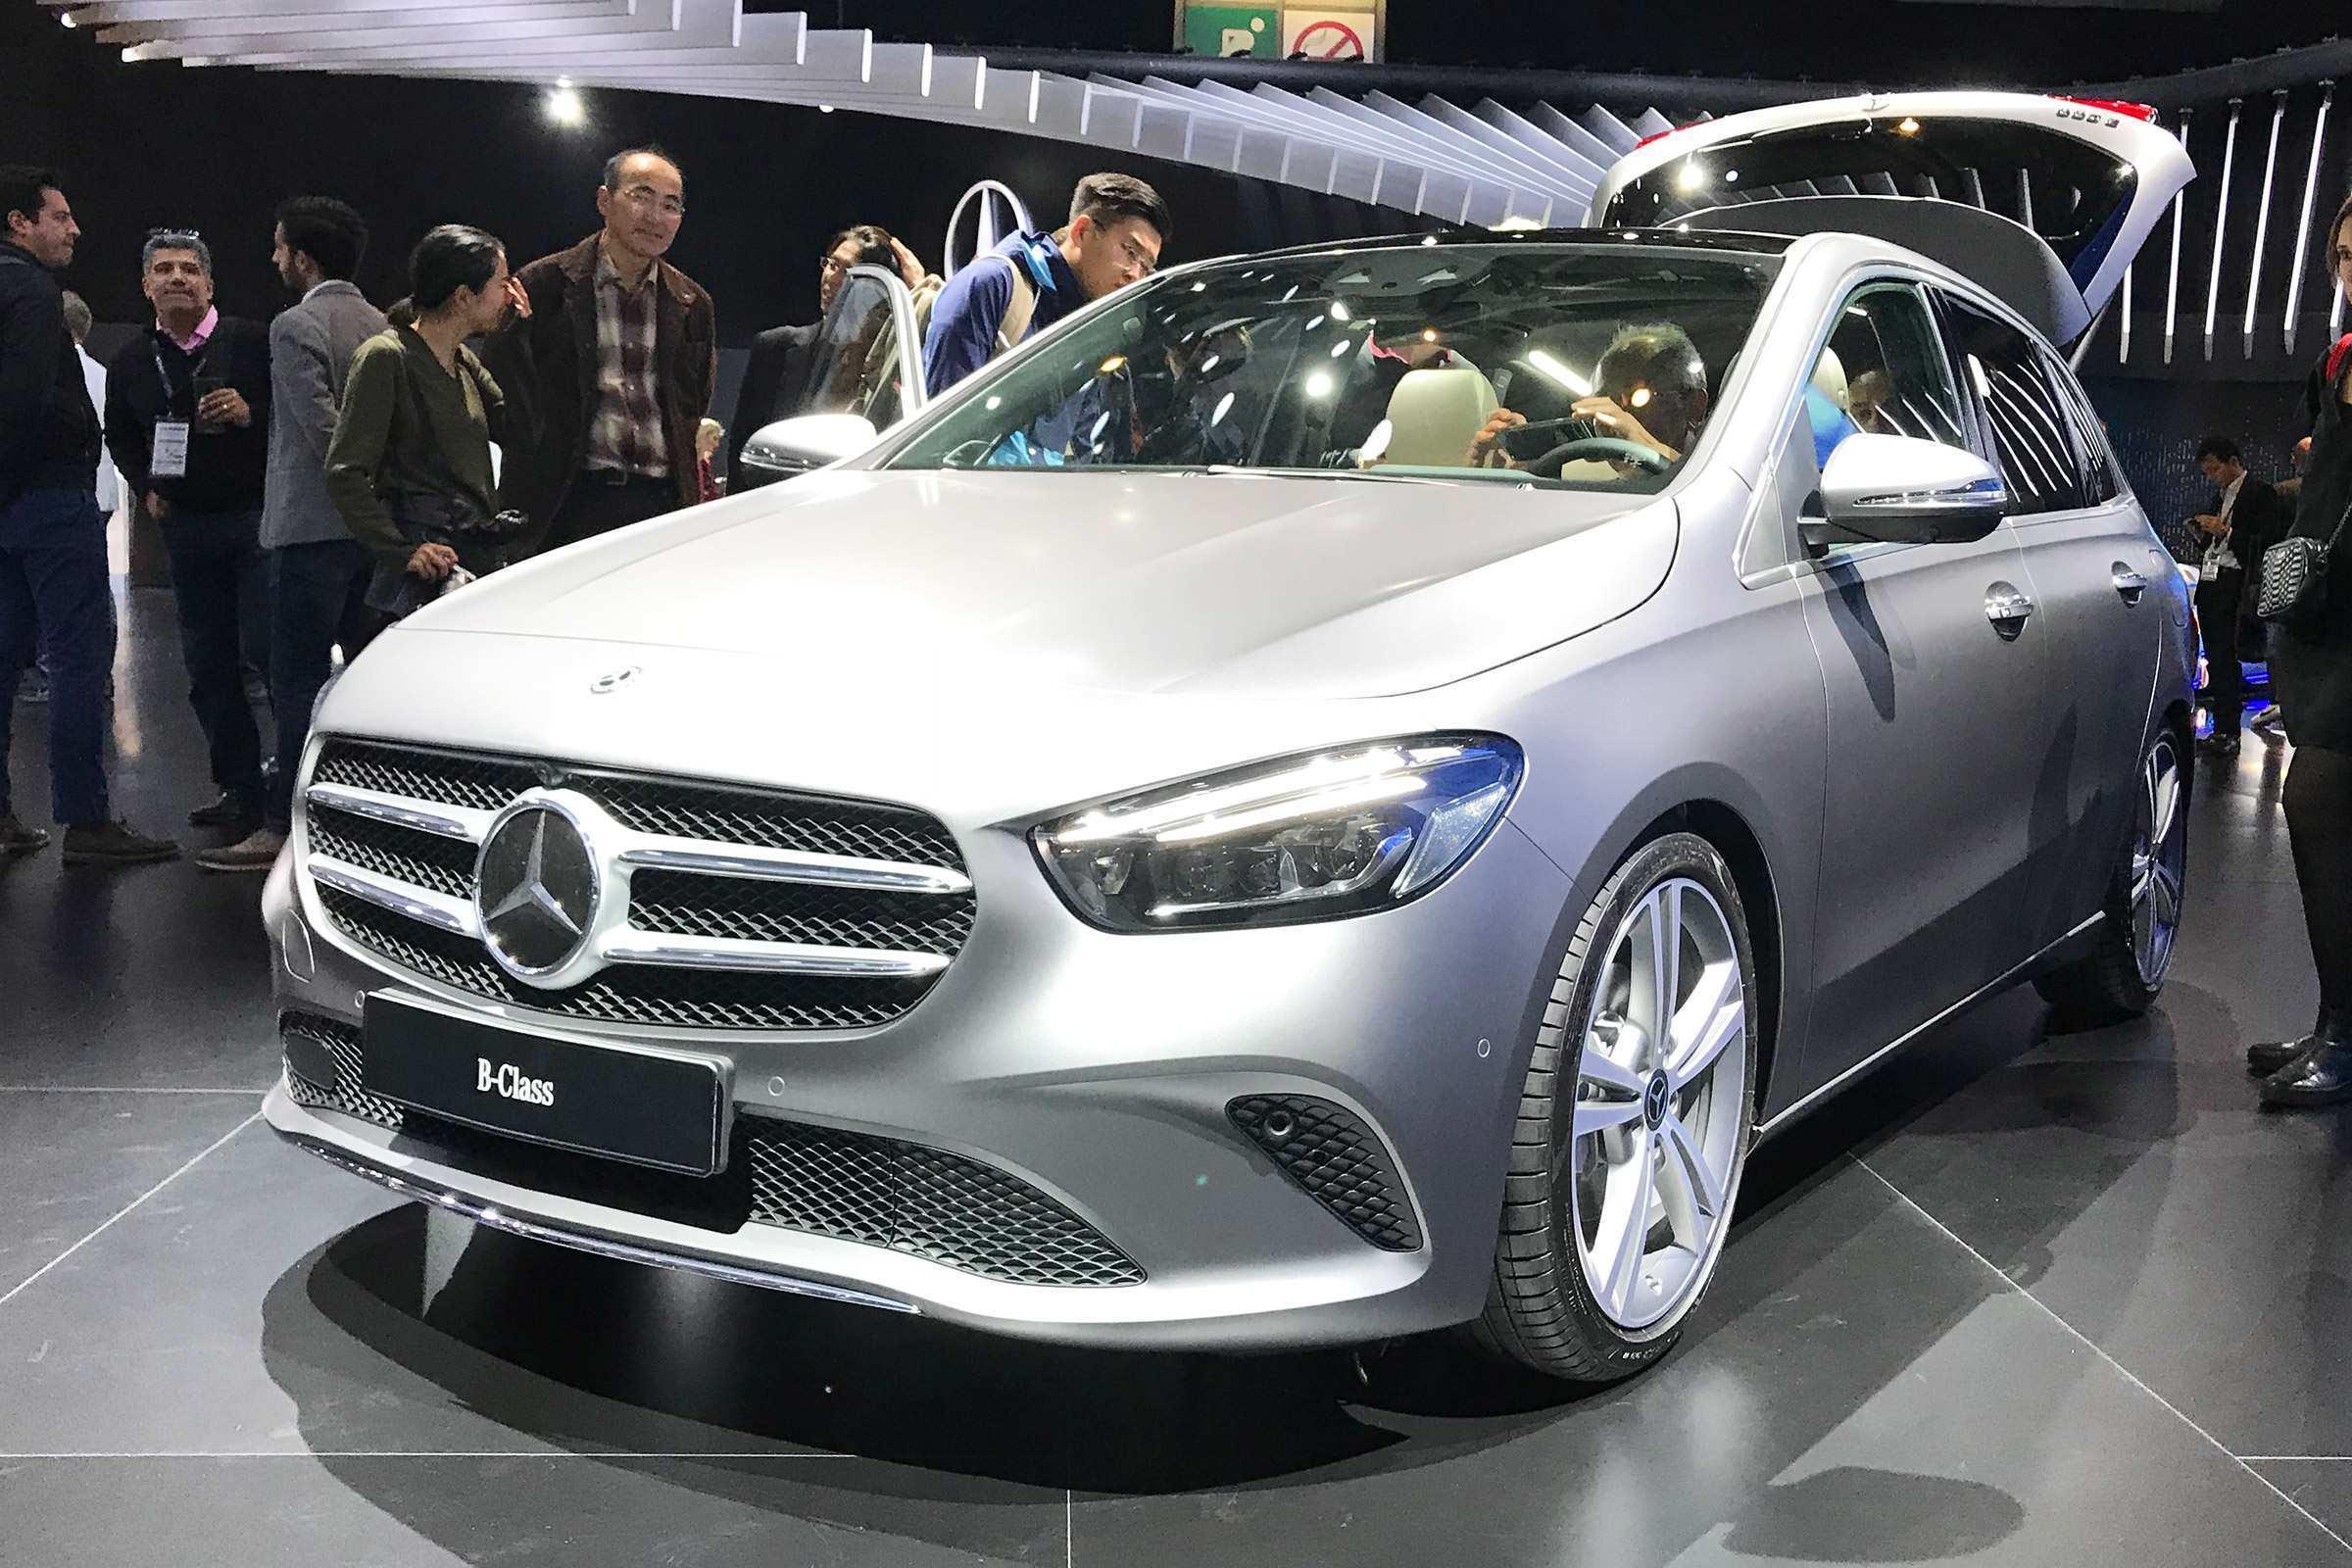 94 New B Class Mercedes 2020 Engine by B Class Mercedes 2020